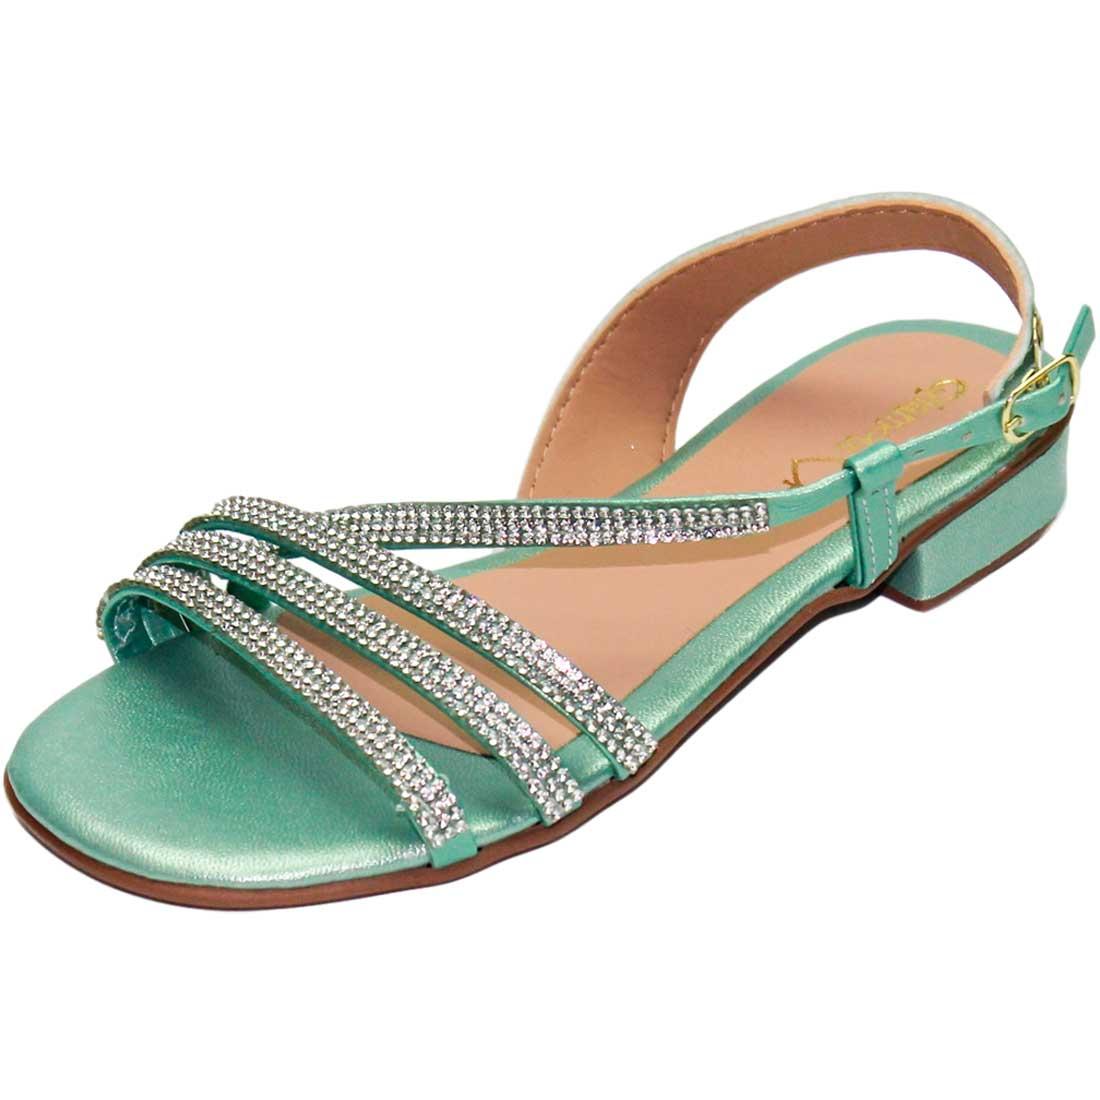 Sandália Baby com Tiras Metalizada - Verde